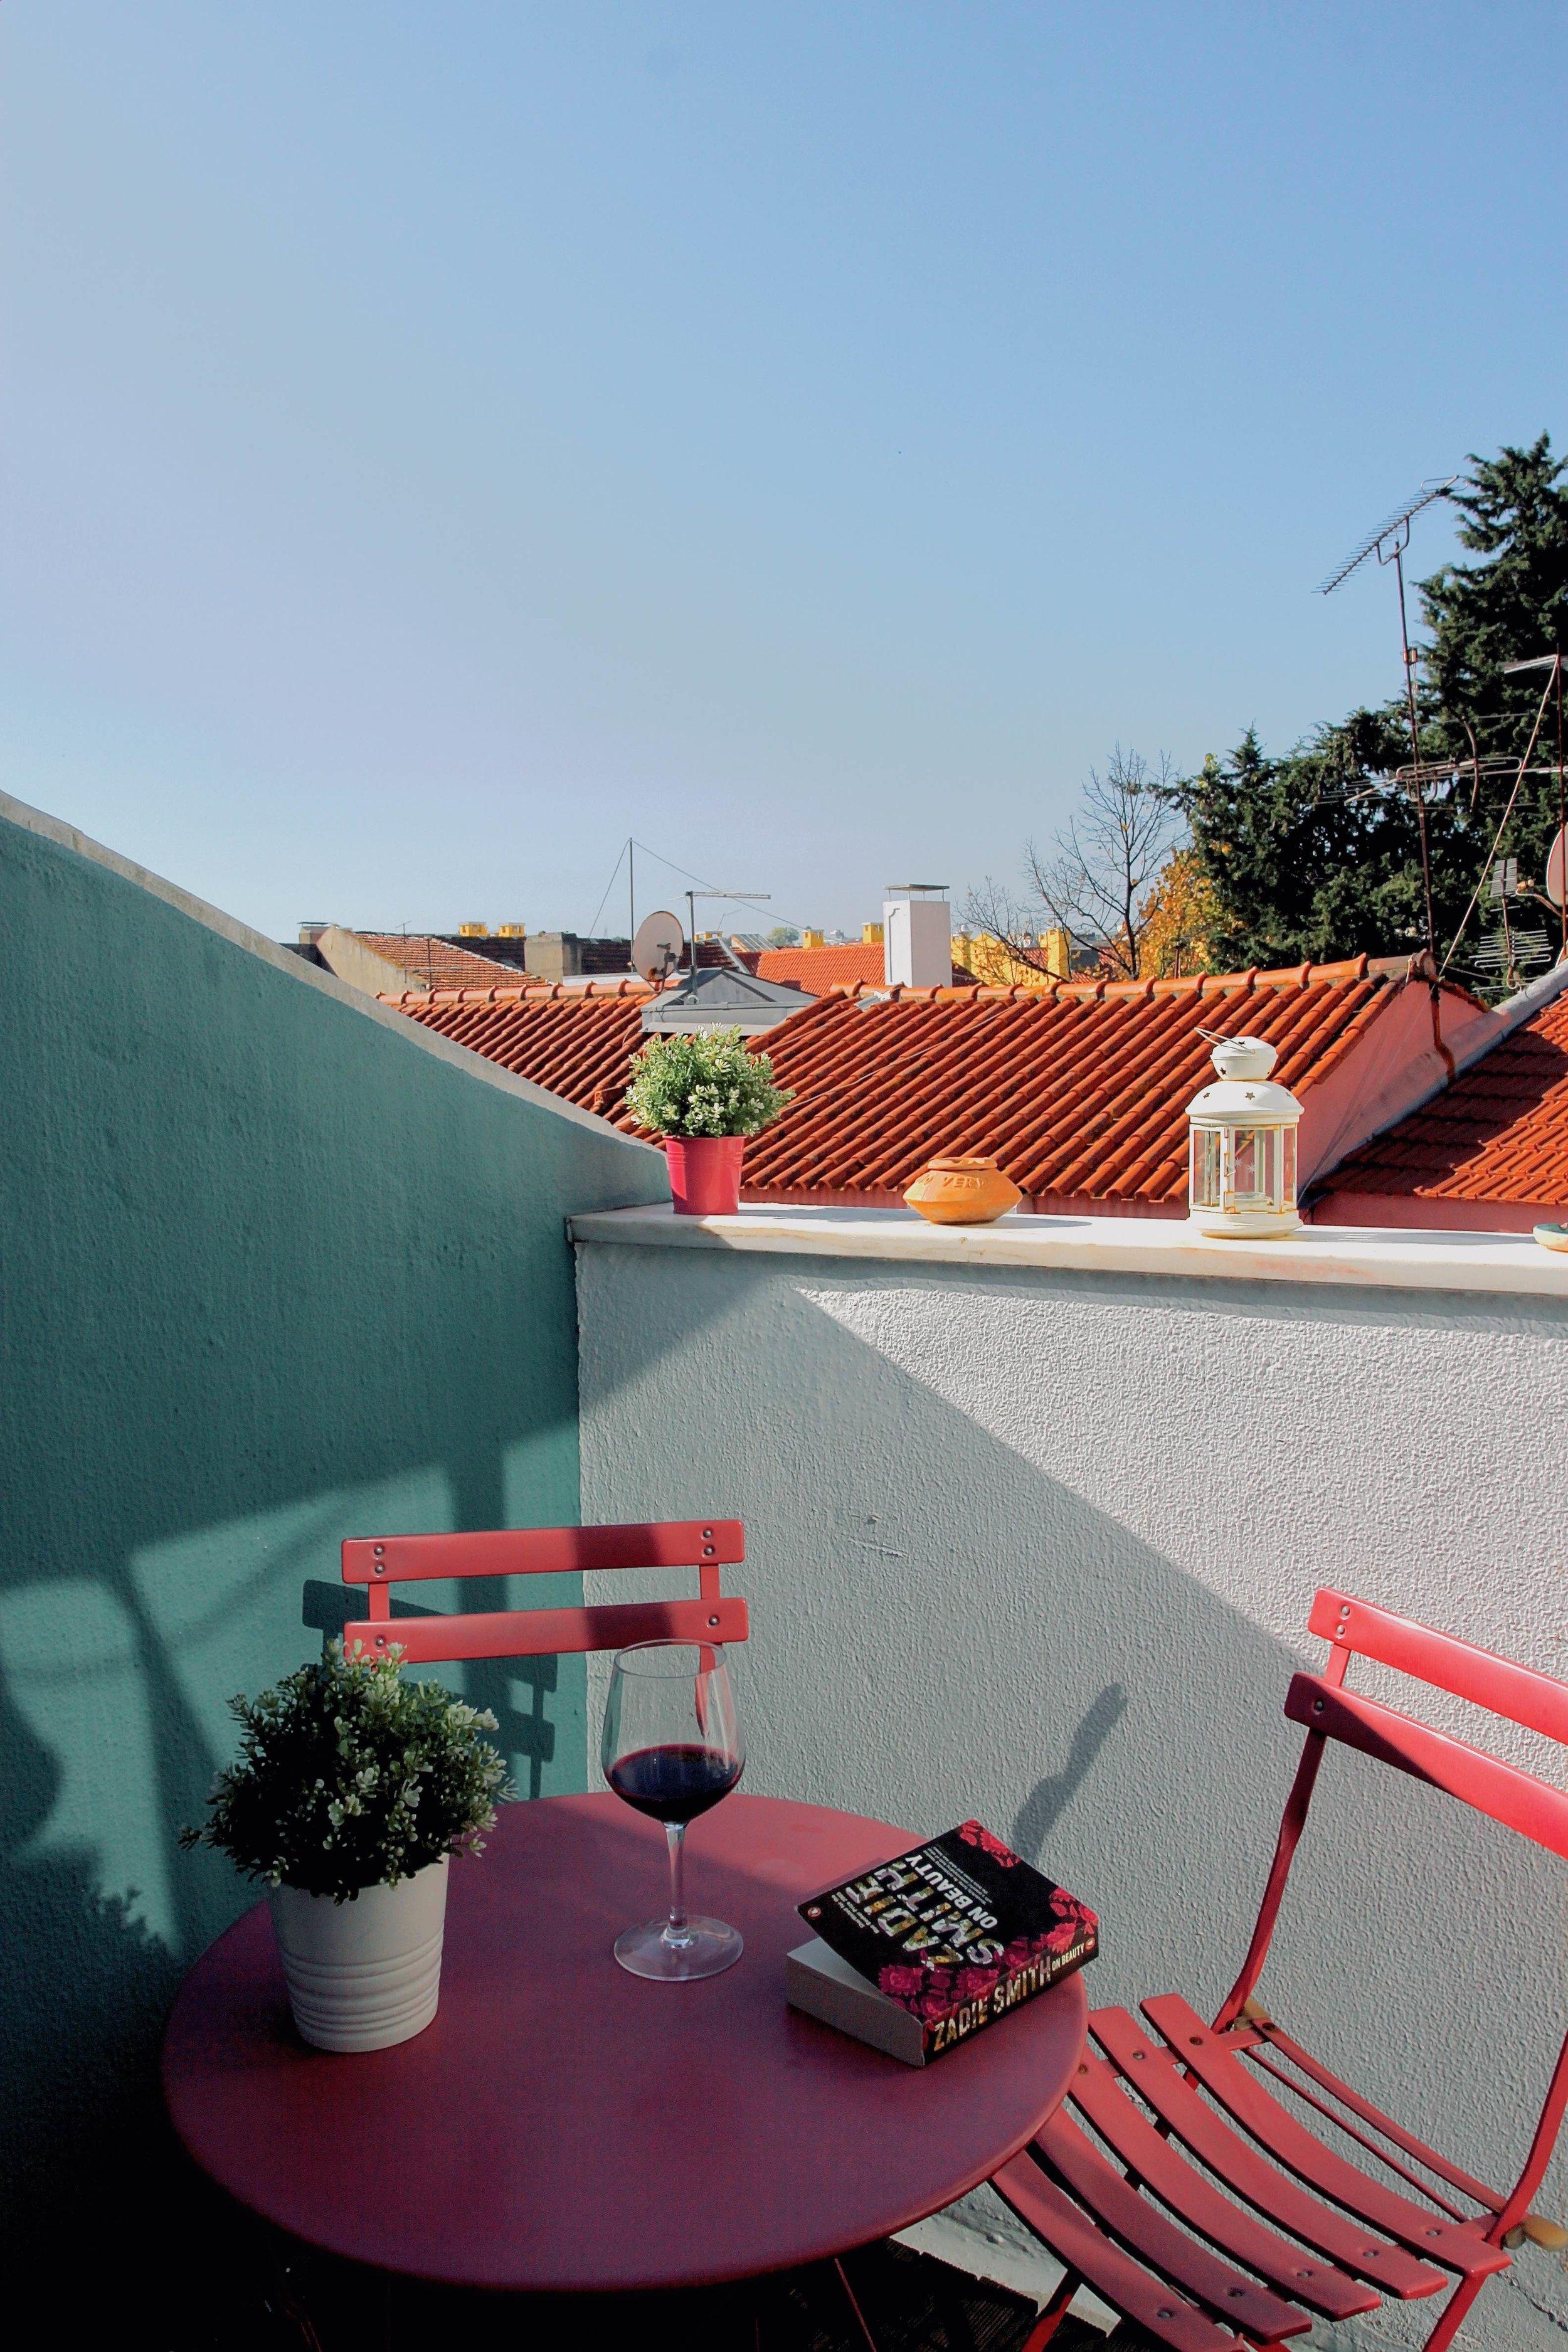 Our terrace in Bairro Alto